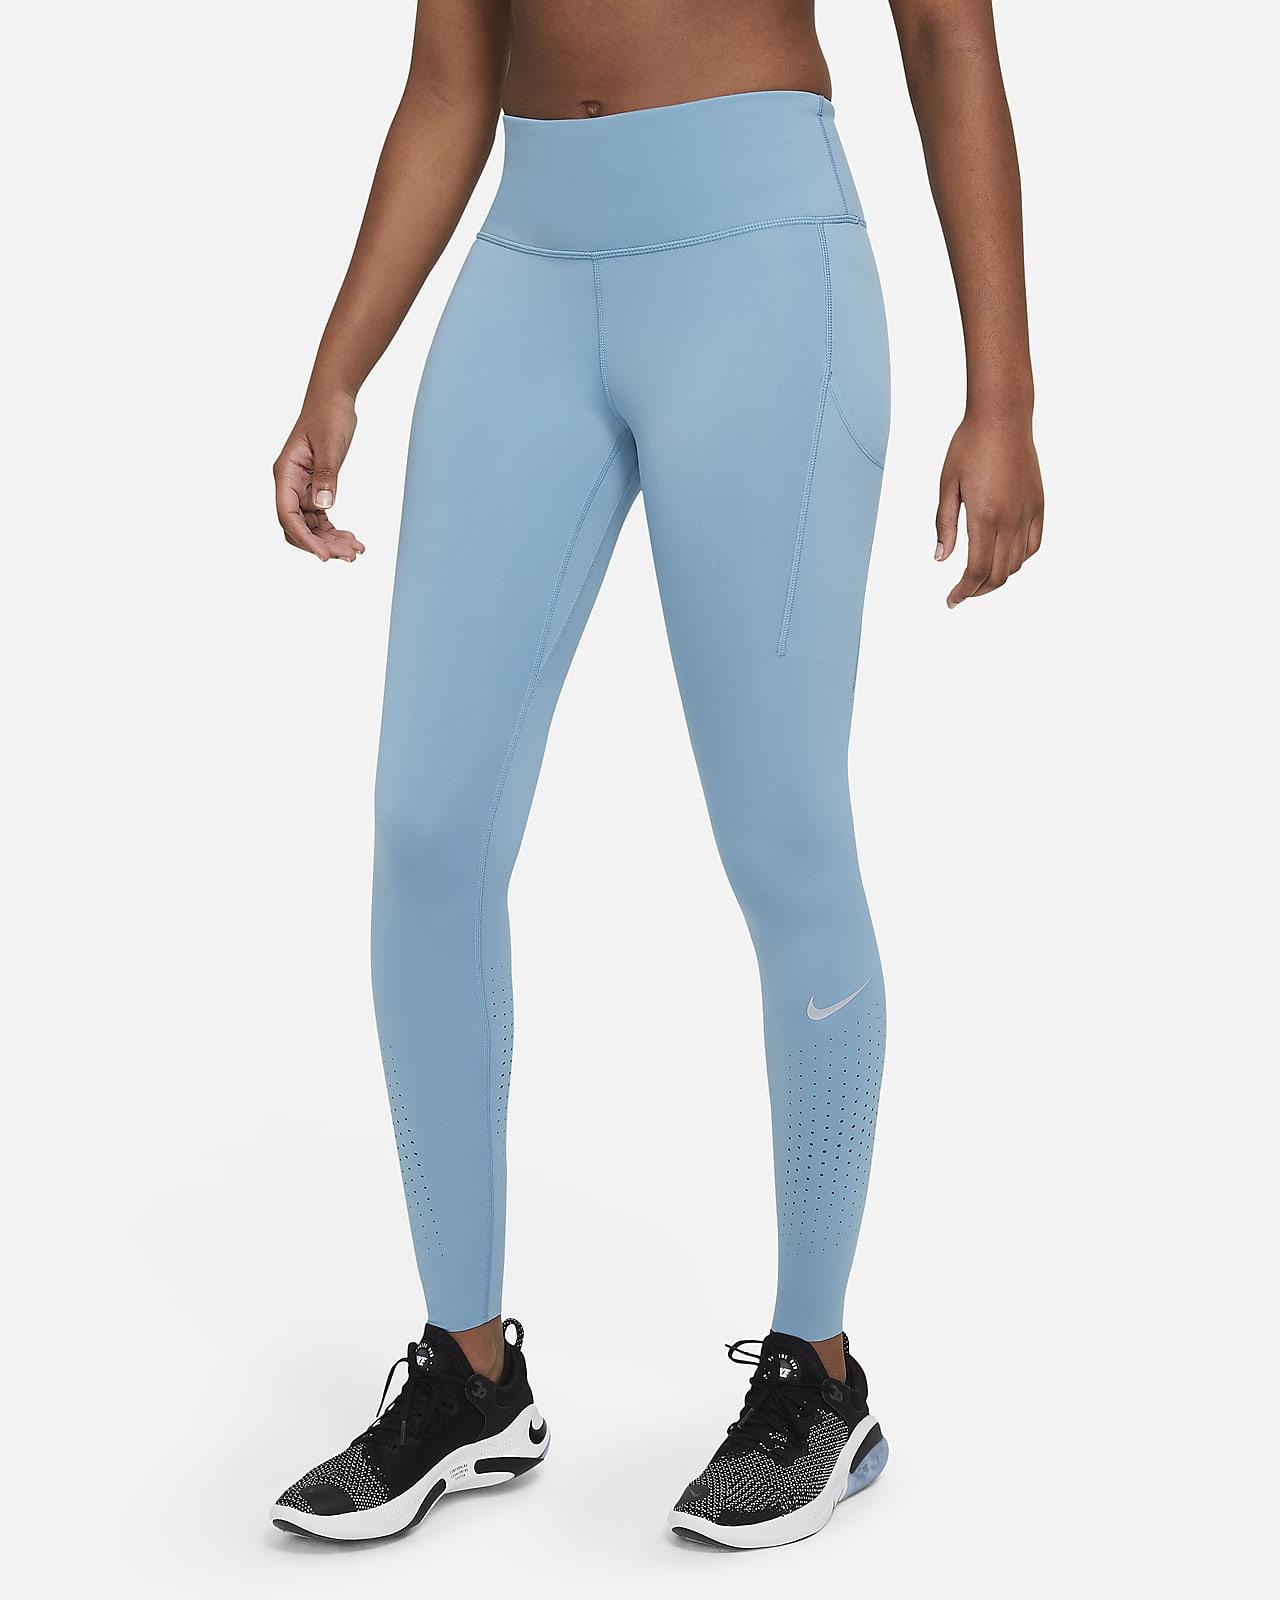 เลกกิ้งวิ่งเอวปานกลางผู้หญิง Nike Epic Luxe